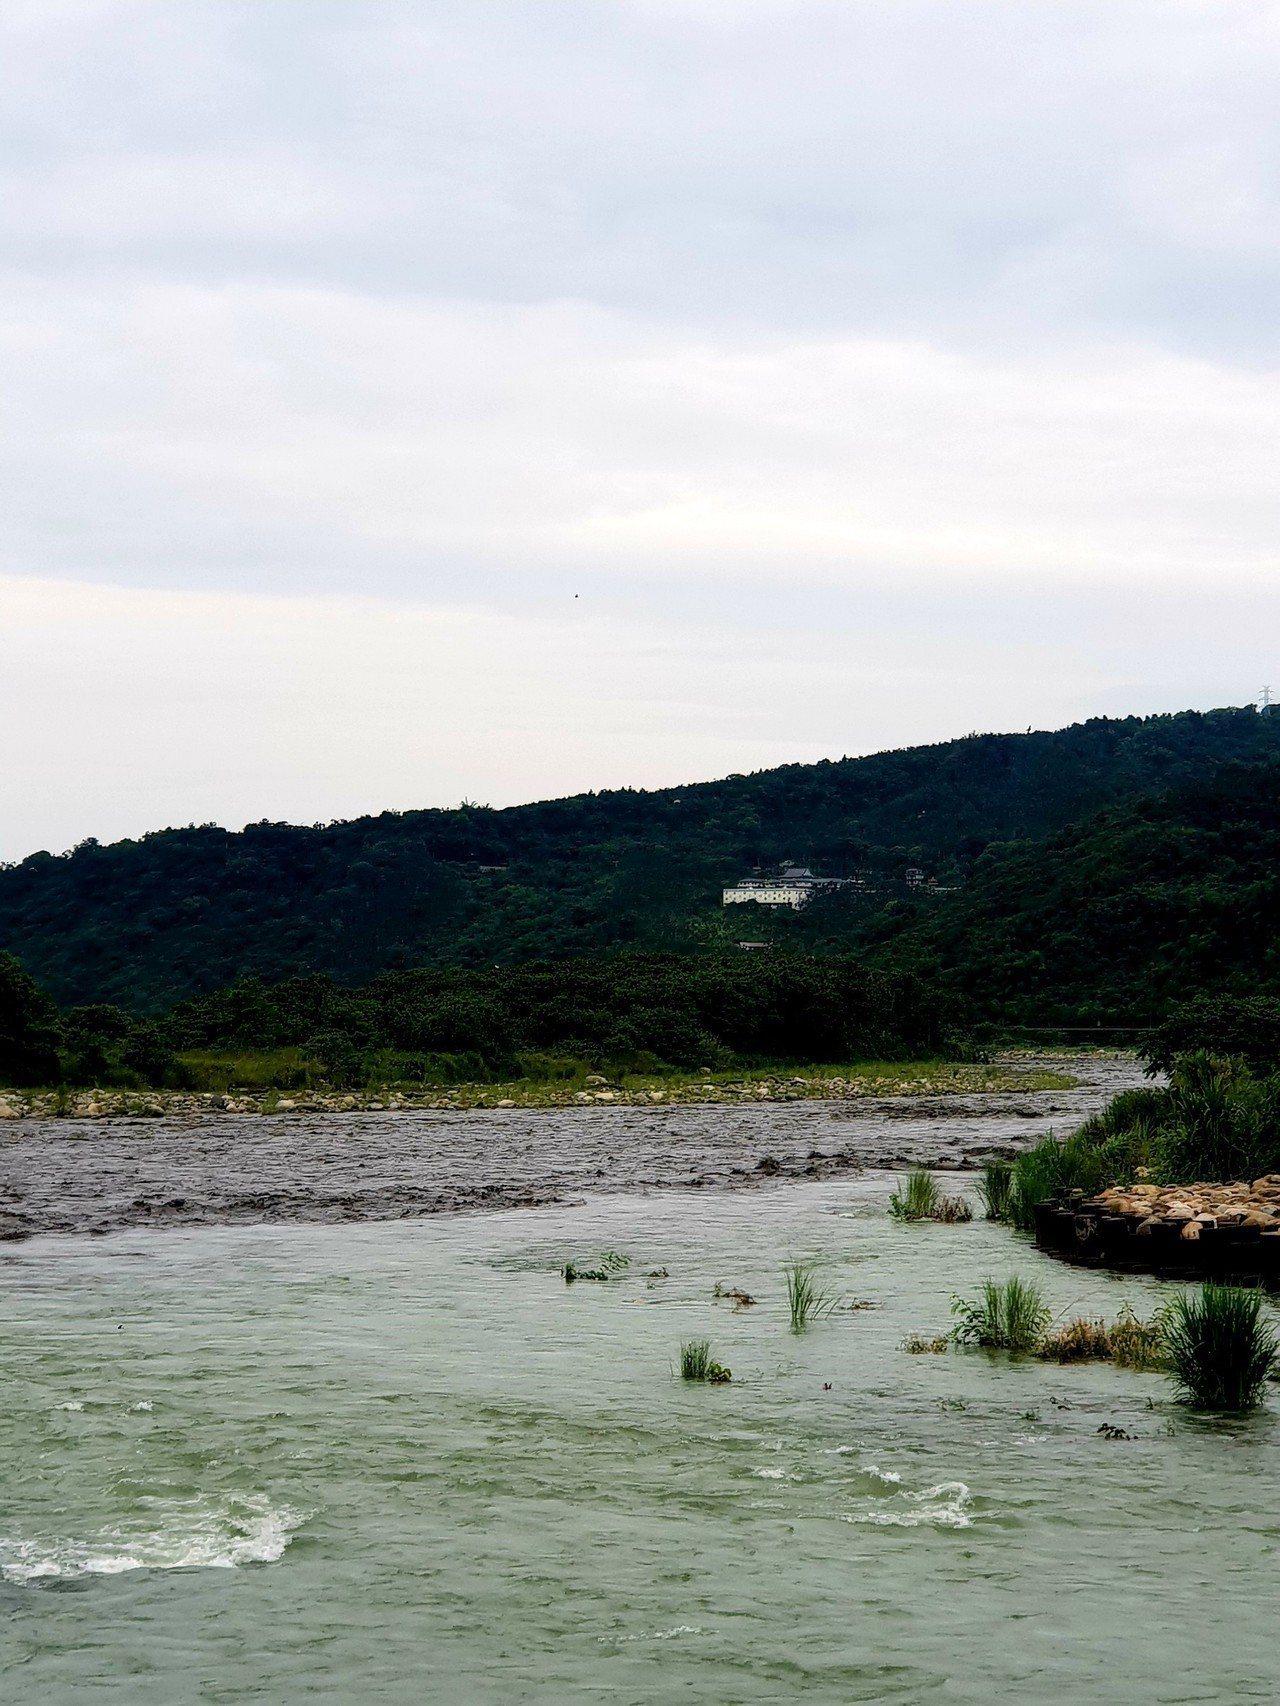 南投縣濁水溪和水里溪流域今出現「陰陽河」,兩溪交會一清一濁有明顯界線,相當奇特。...